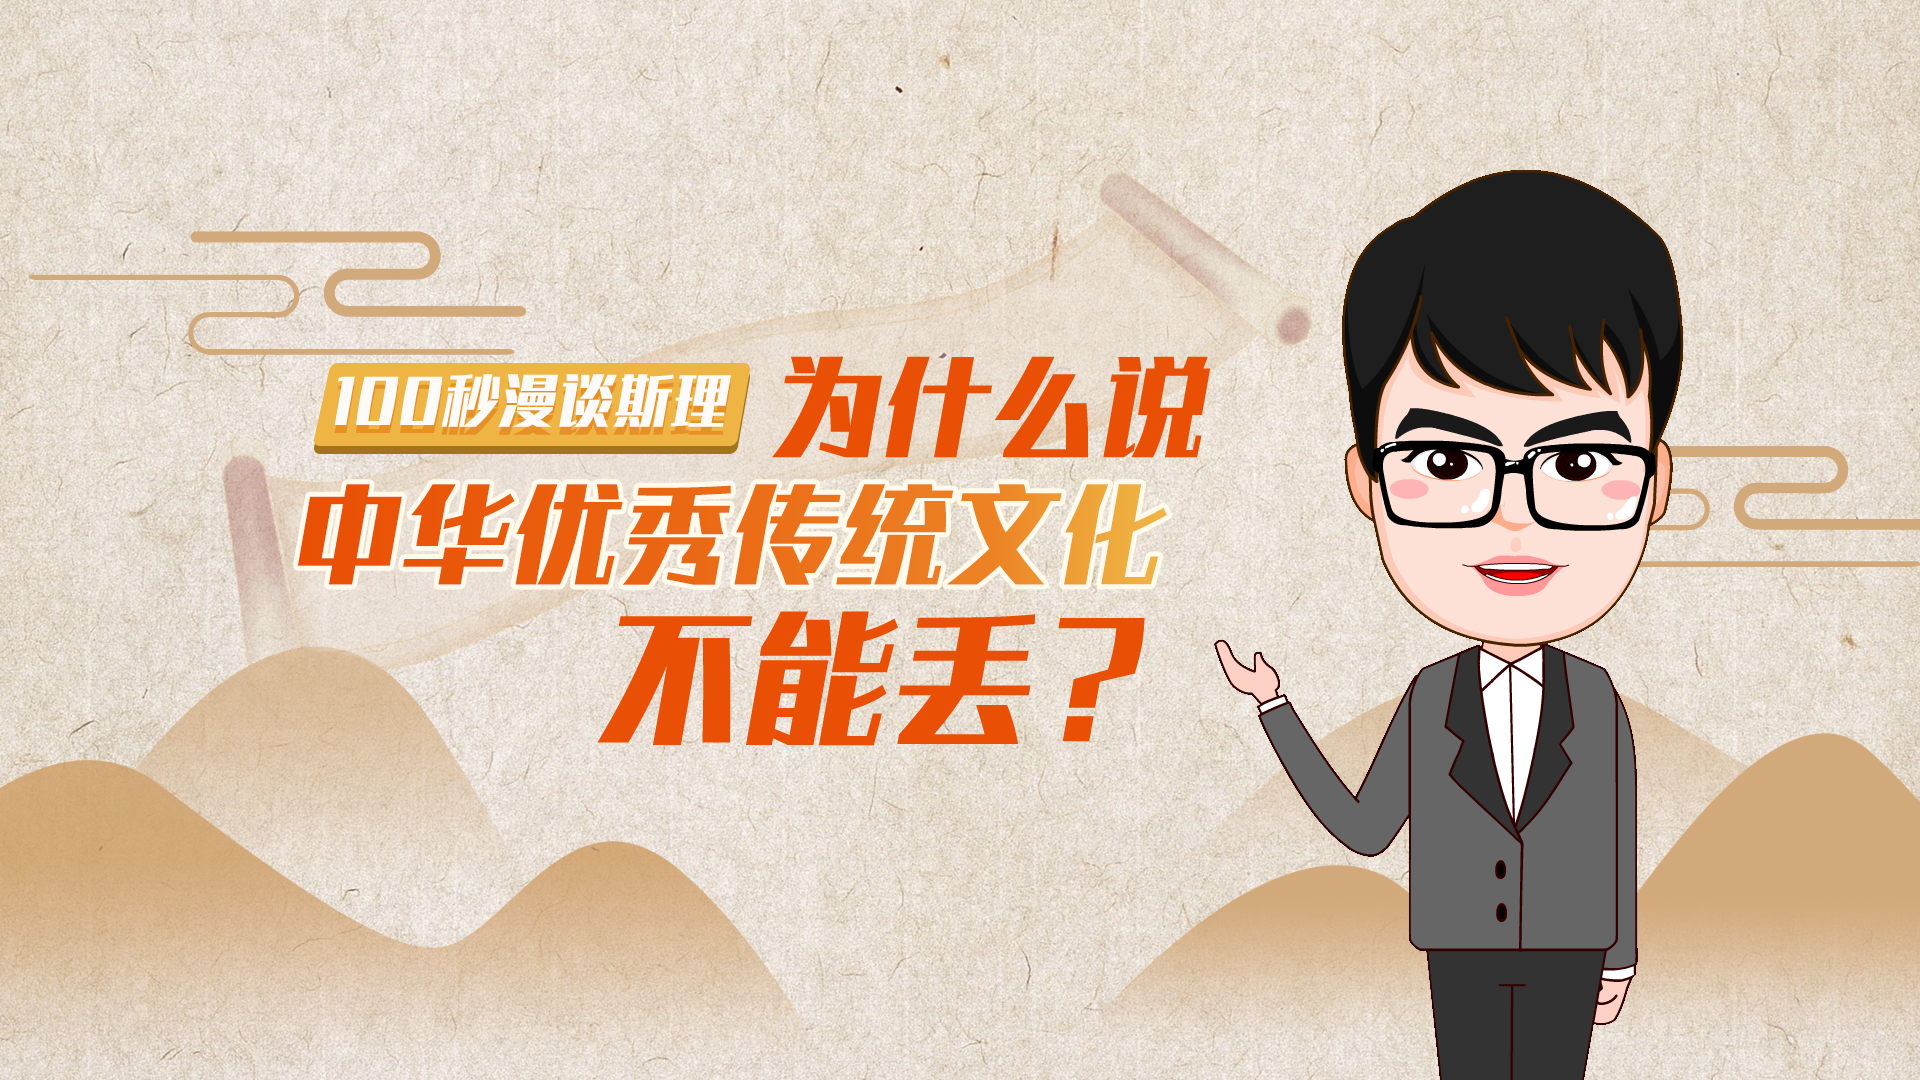 為什麼説中華優秀傳統文化不能丟?